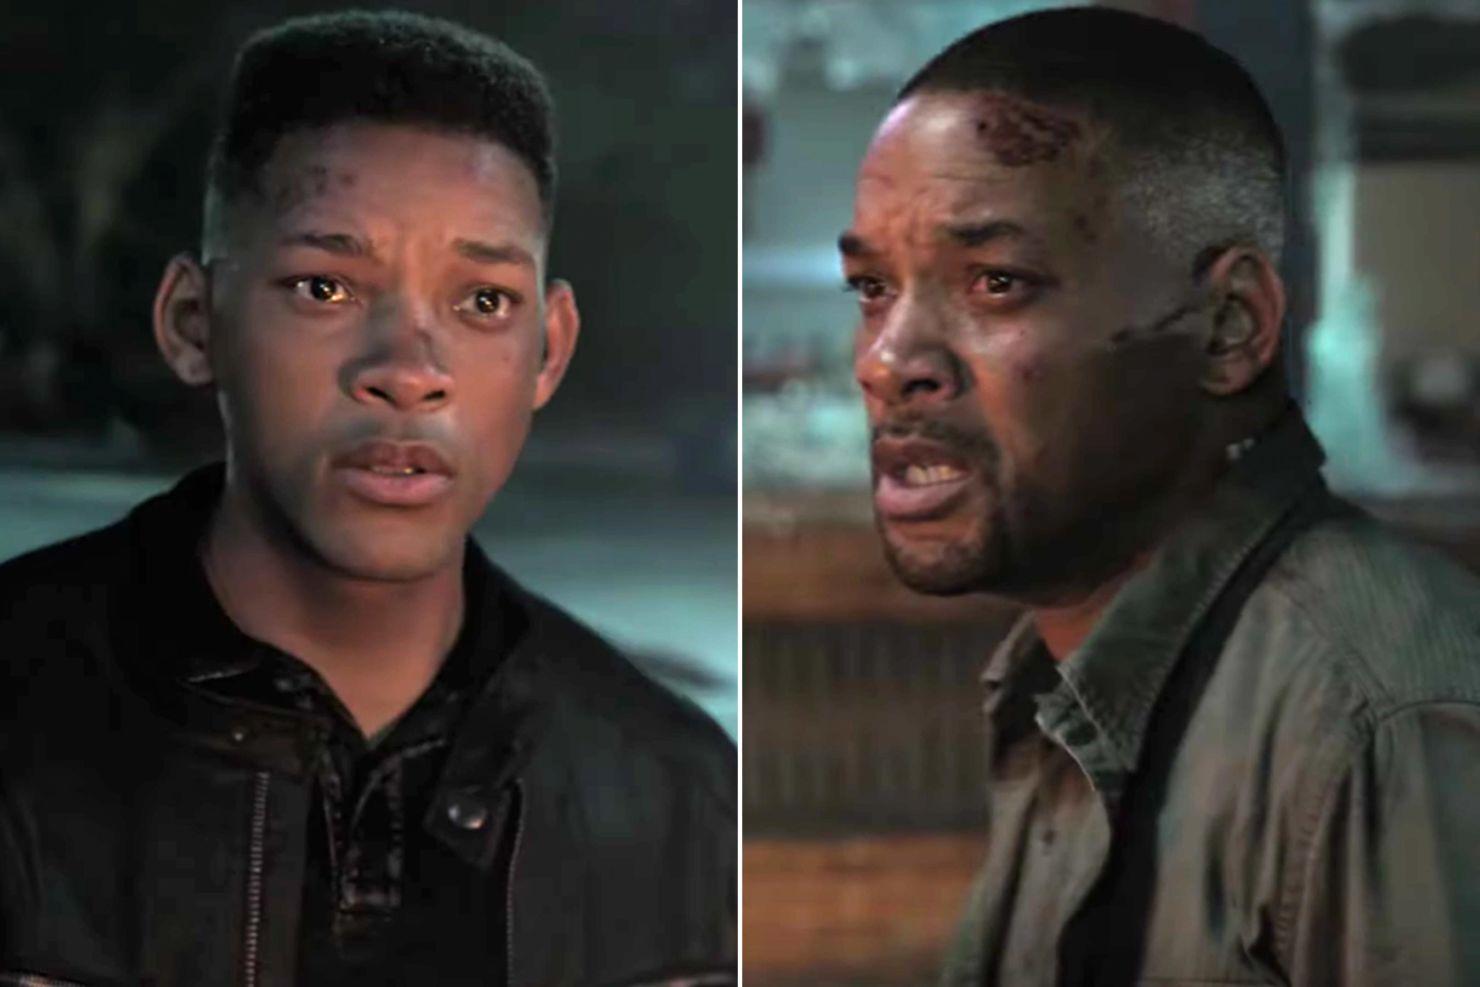 Así rejuvenecieron estos actores gracias a la tecnología